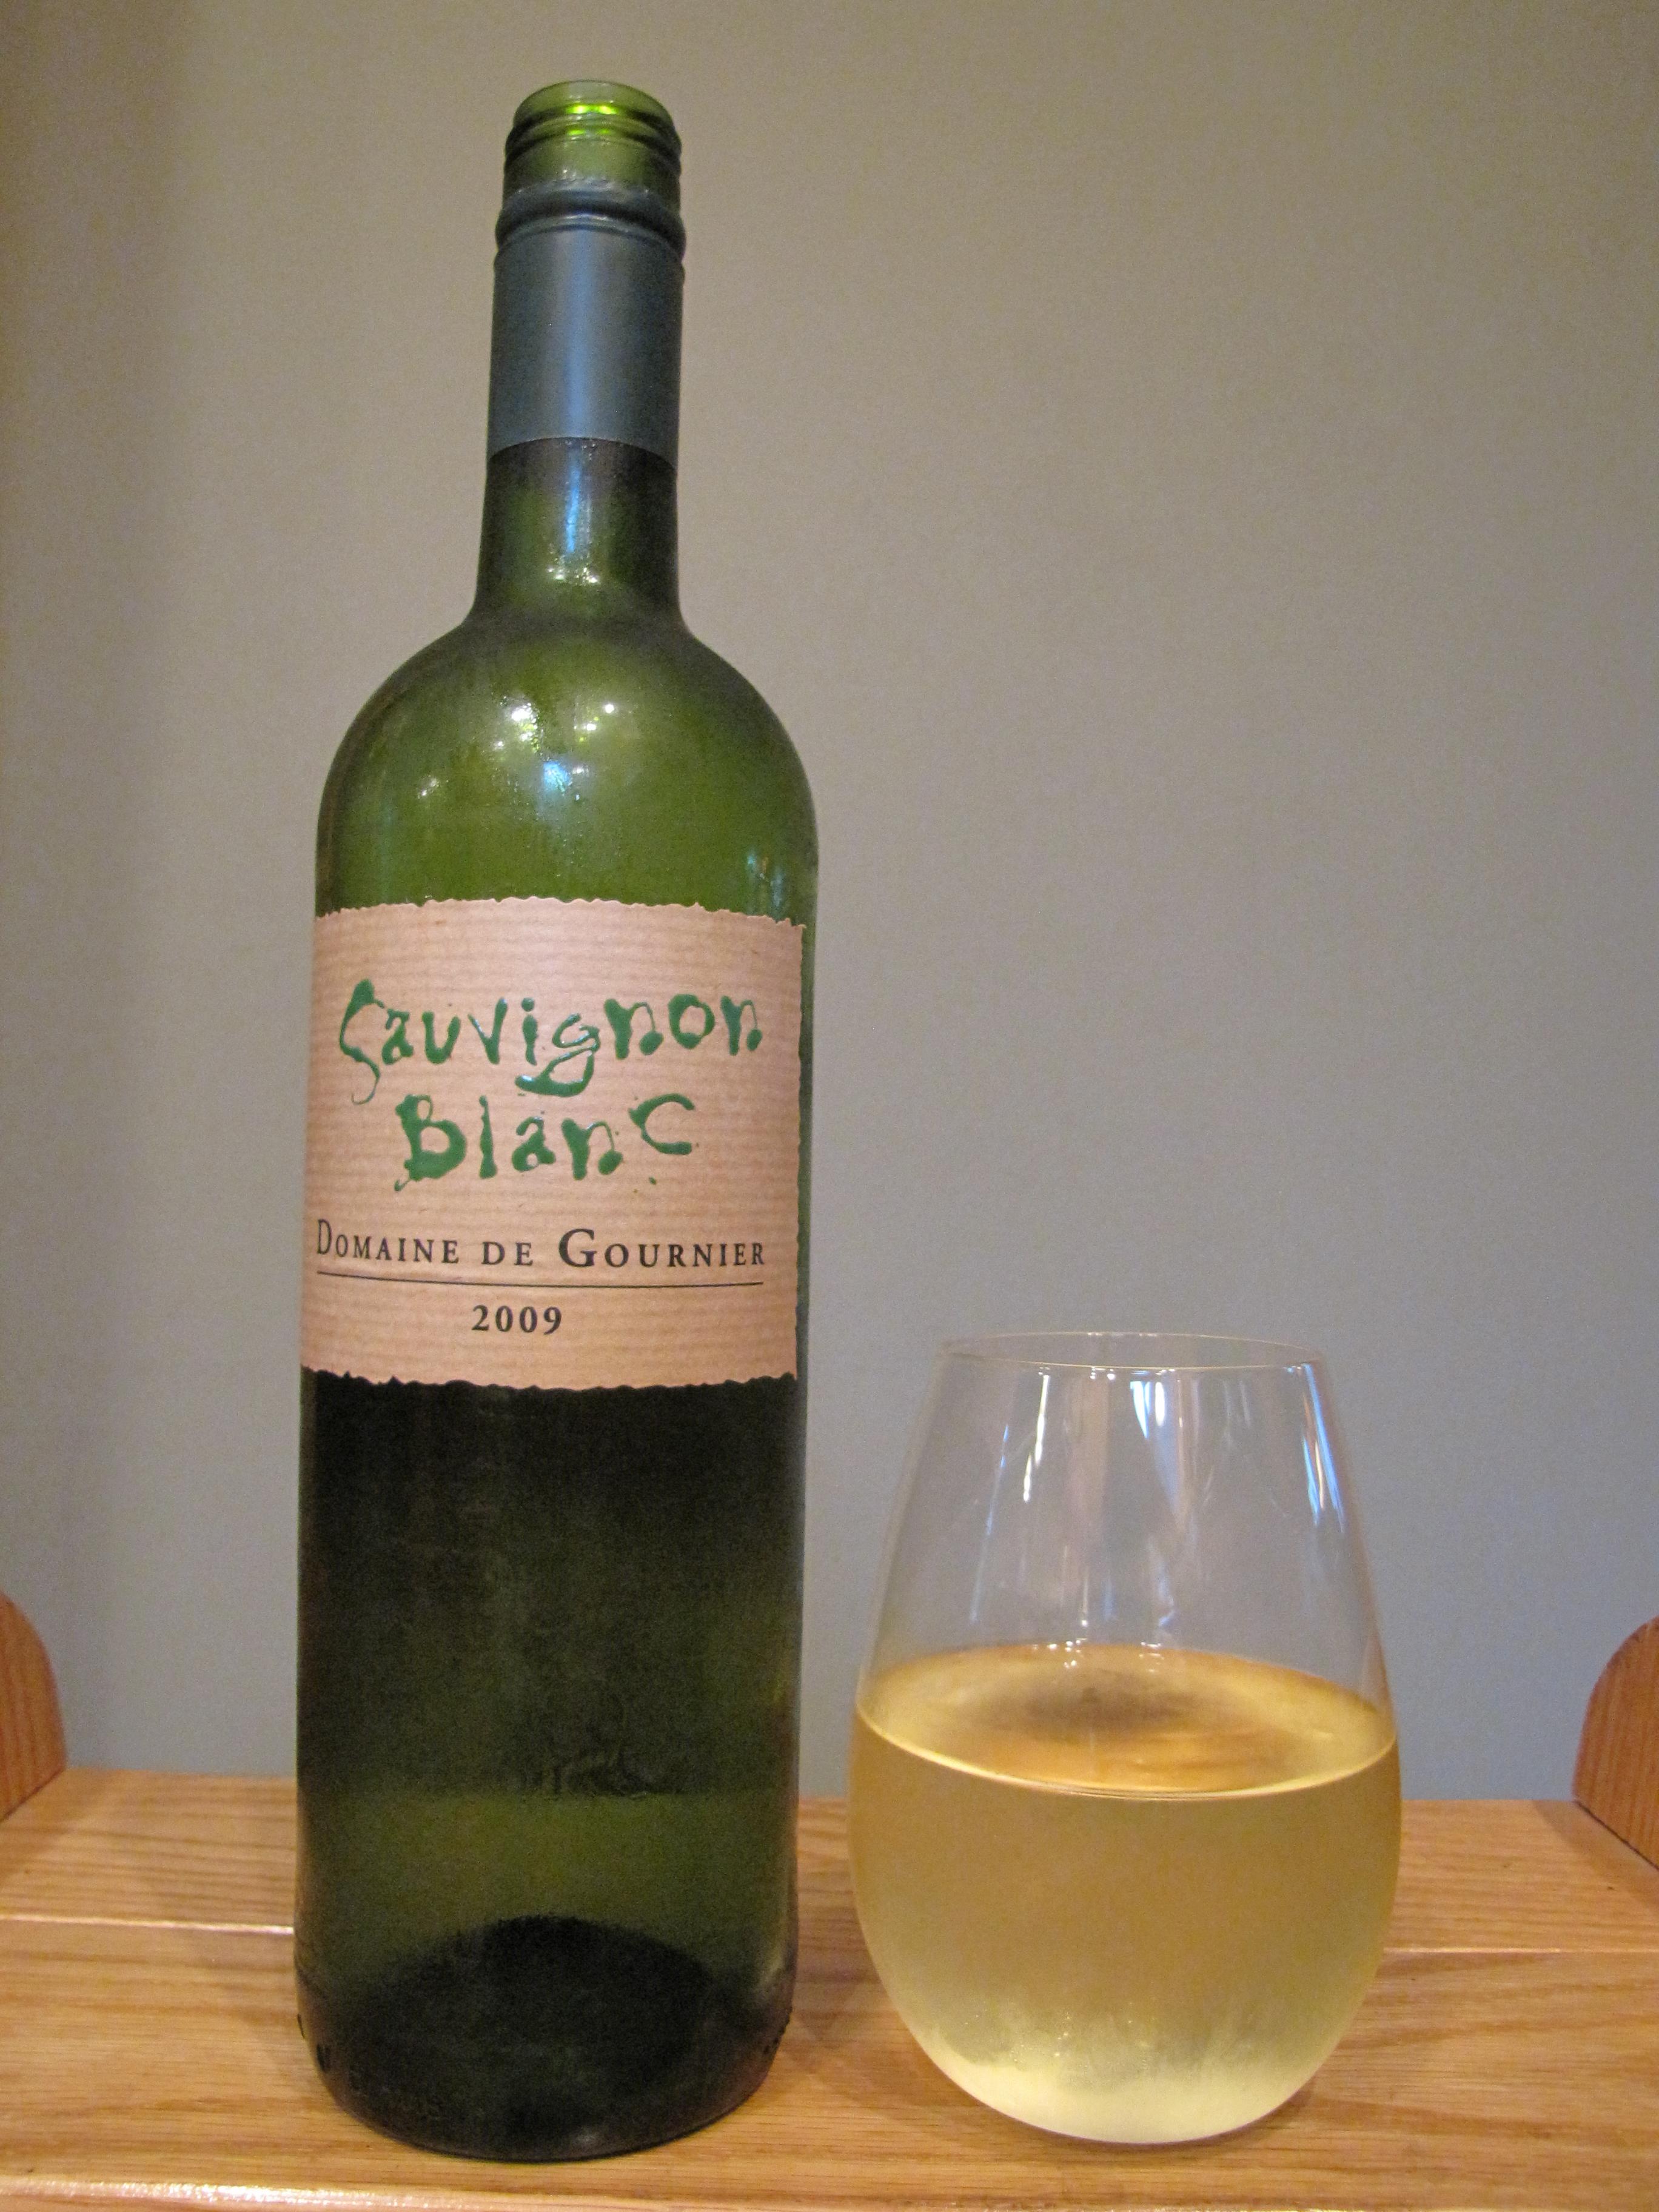 Domaine de Gournier Sauvignon Blanc Vin de Pays des Cévennes (2009)